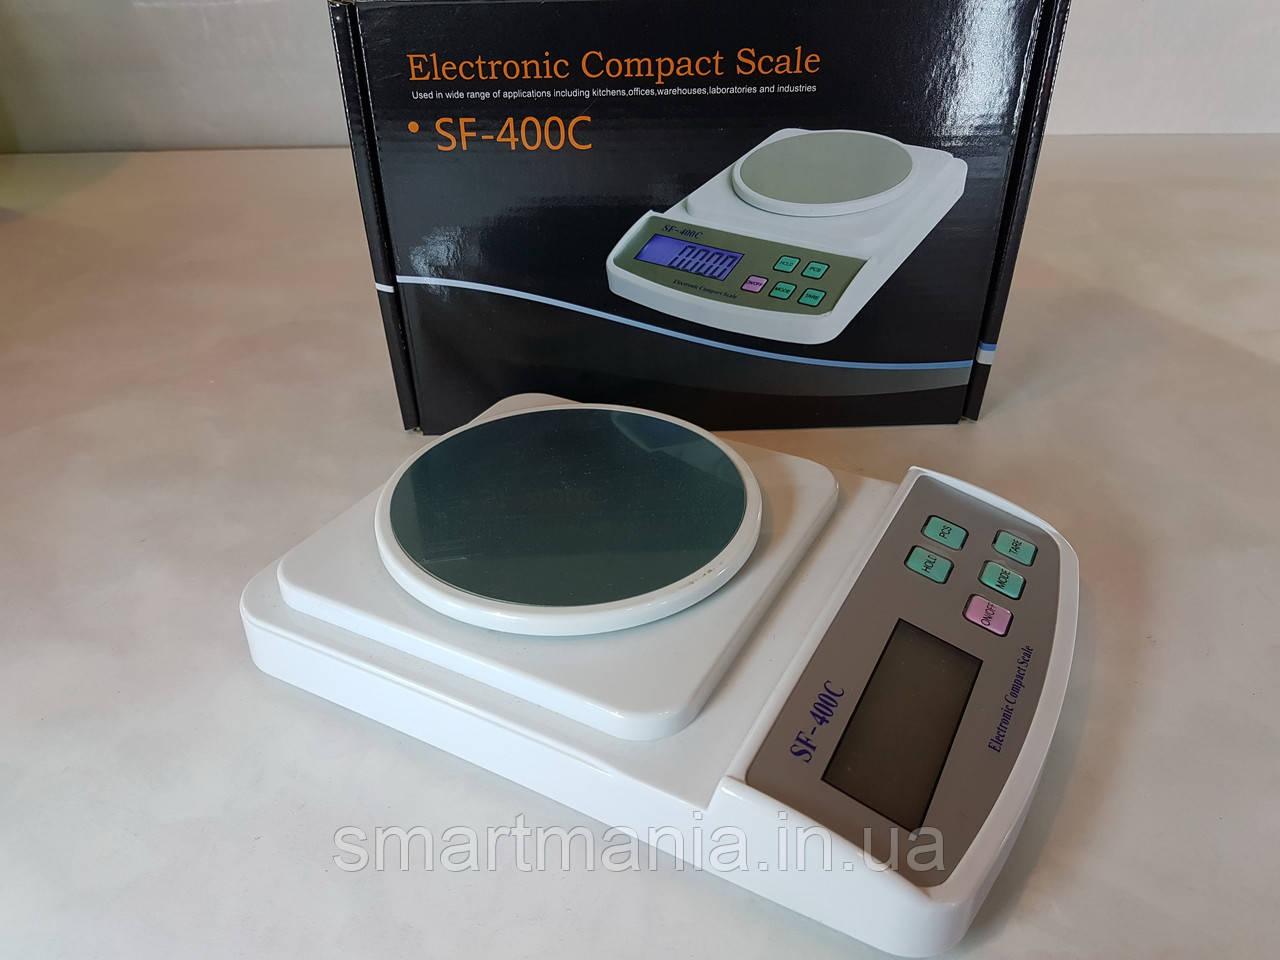 Ювелирные лабораторные электронные веса SF-400C